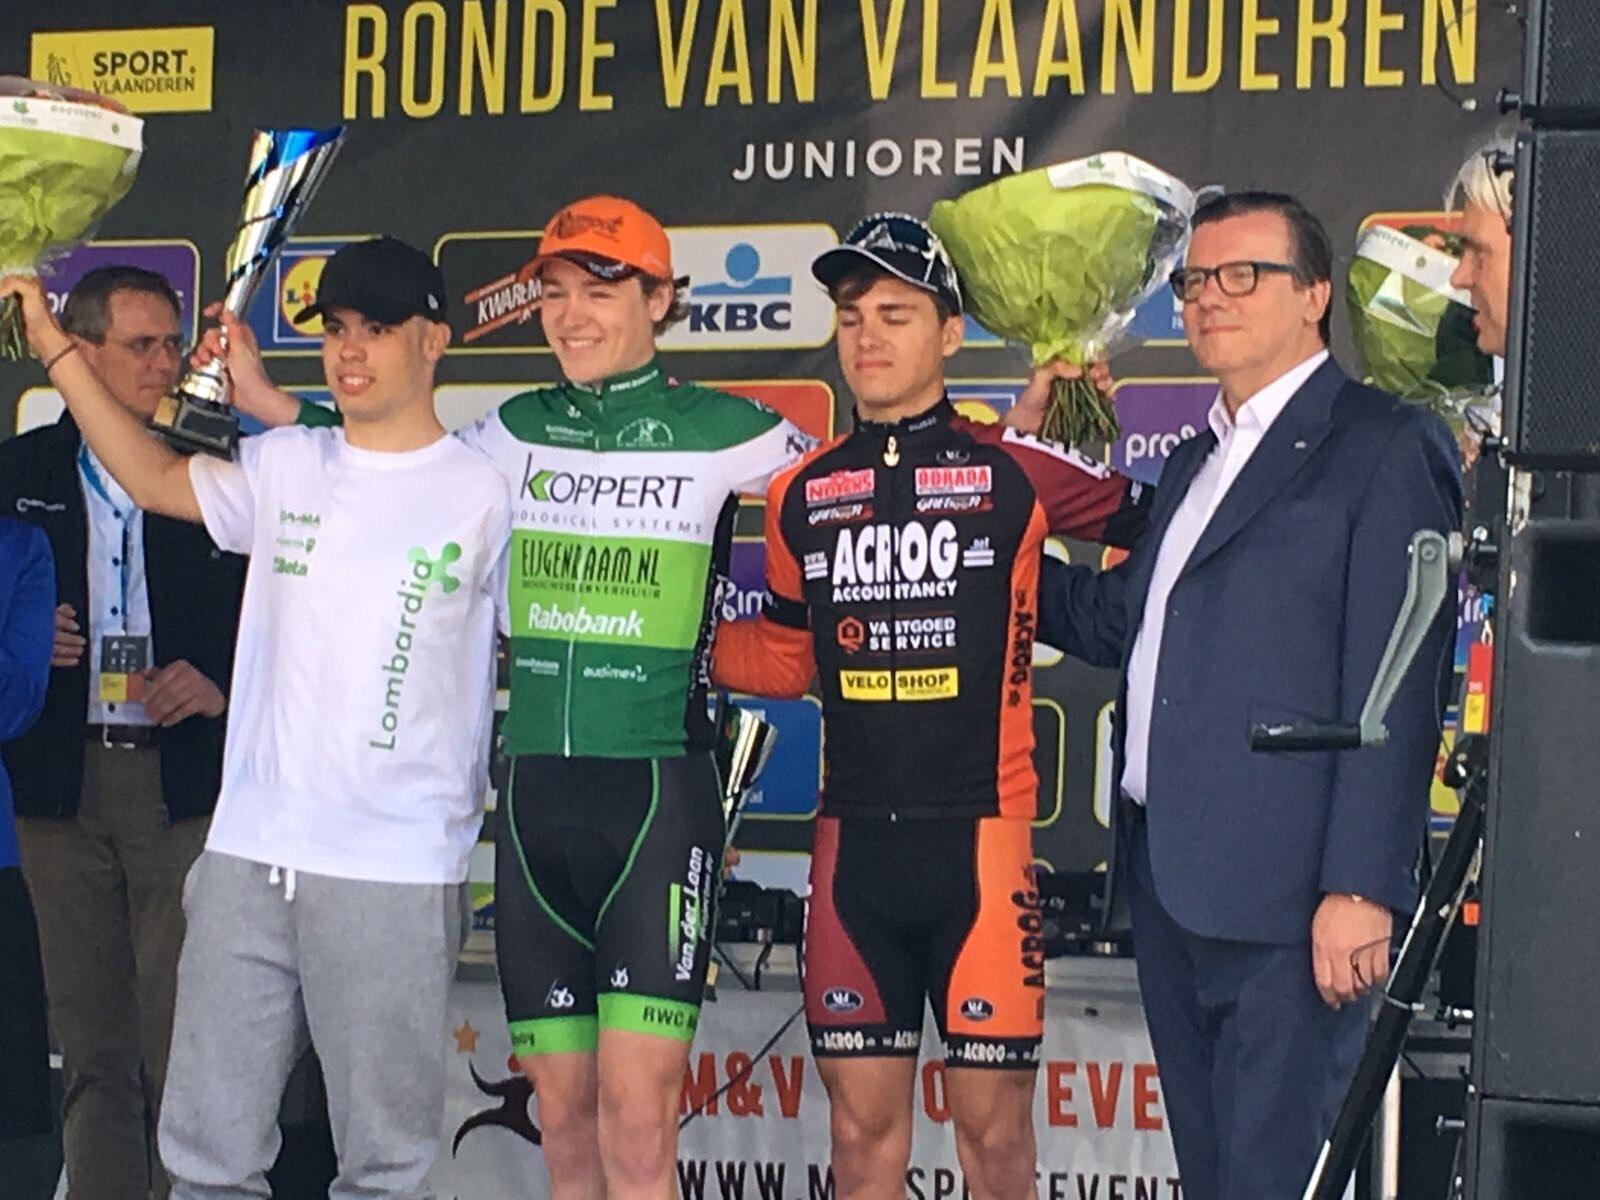 Il podio del Giro delle Fiandre Juniores 2017